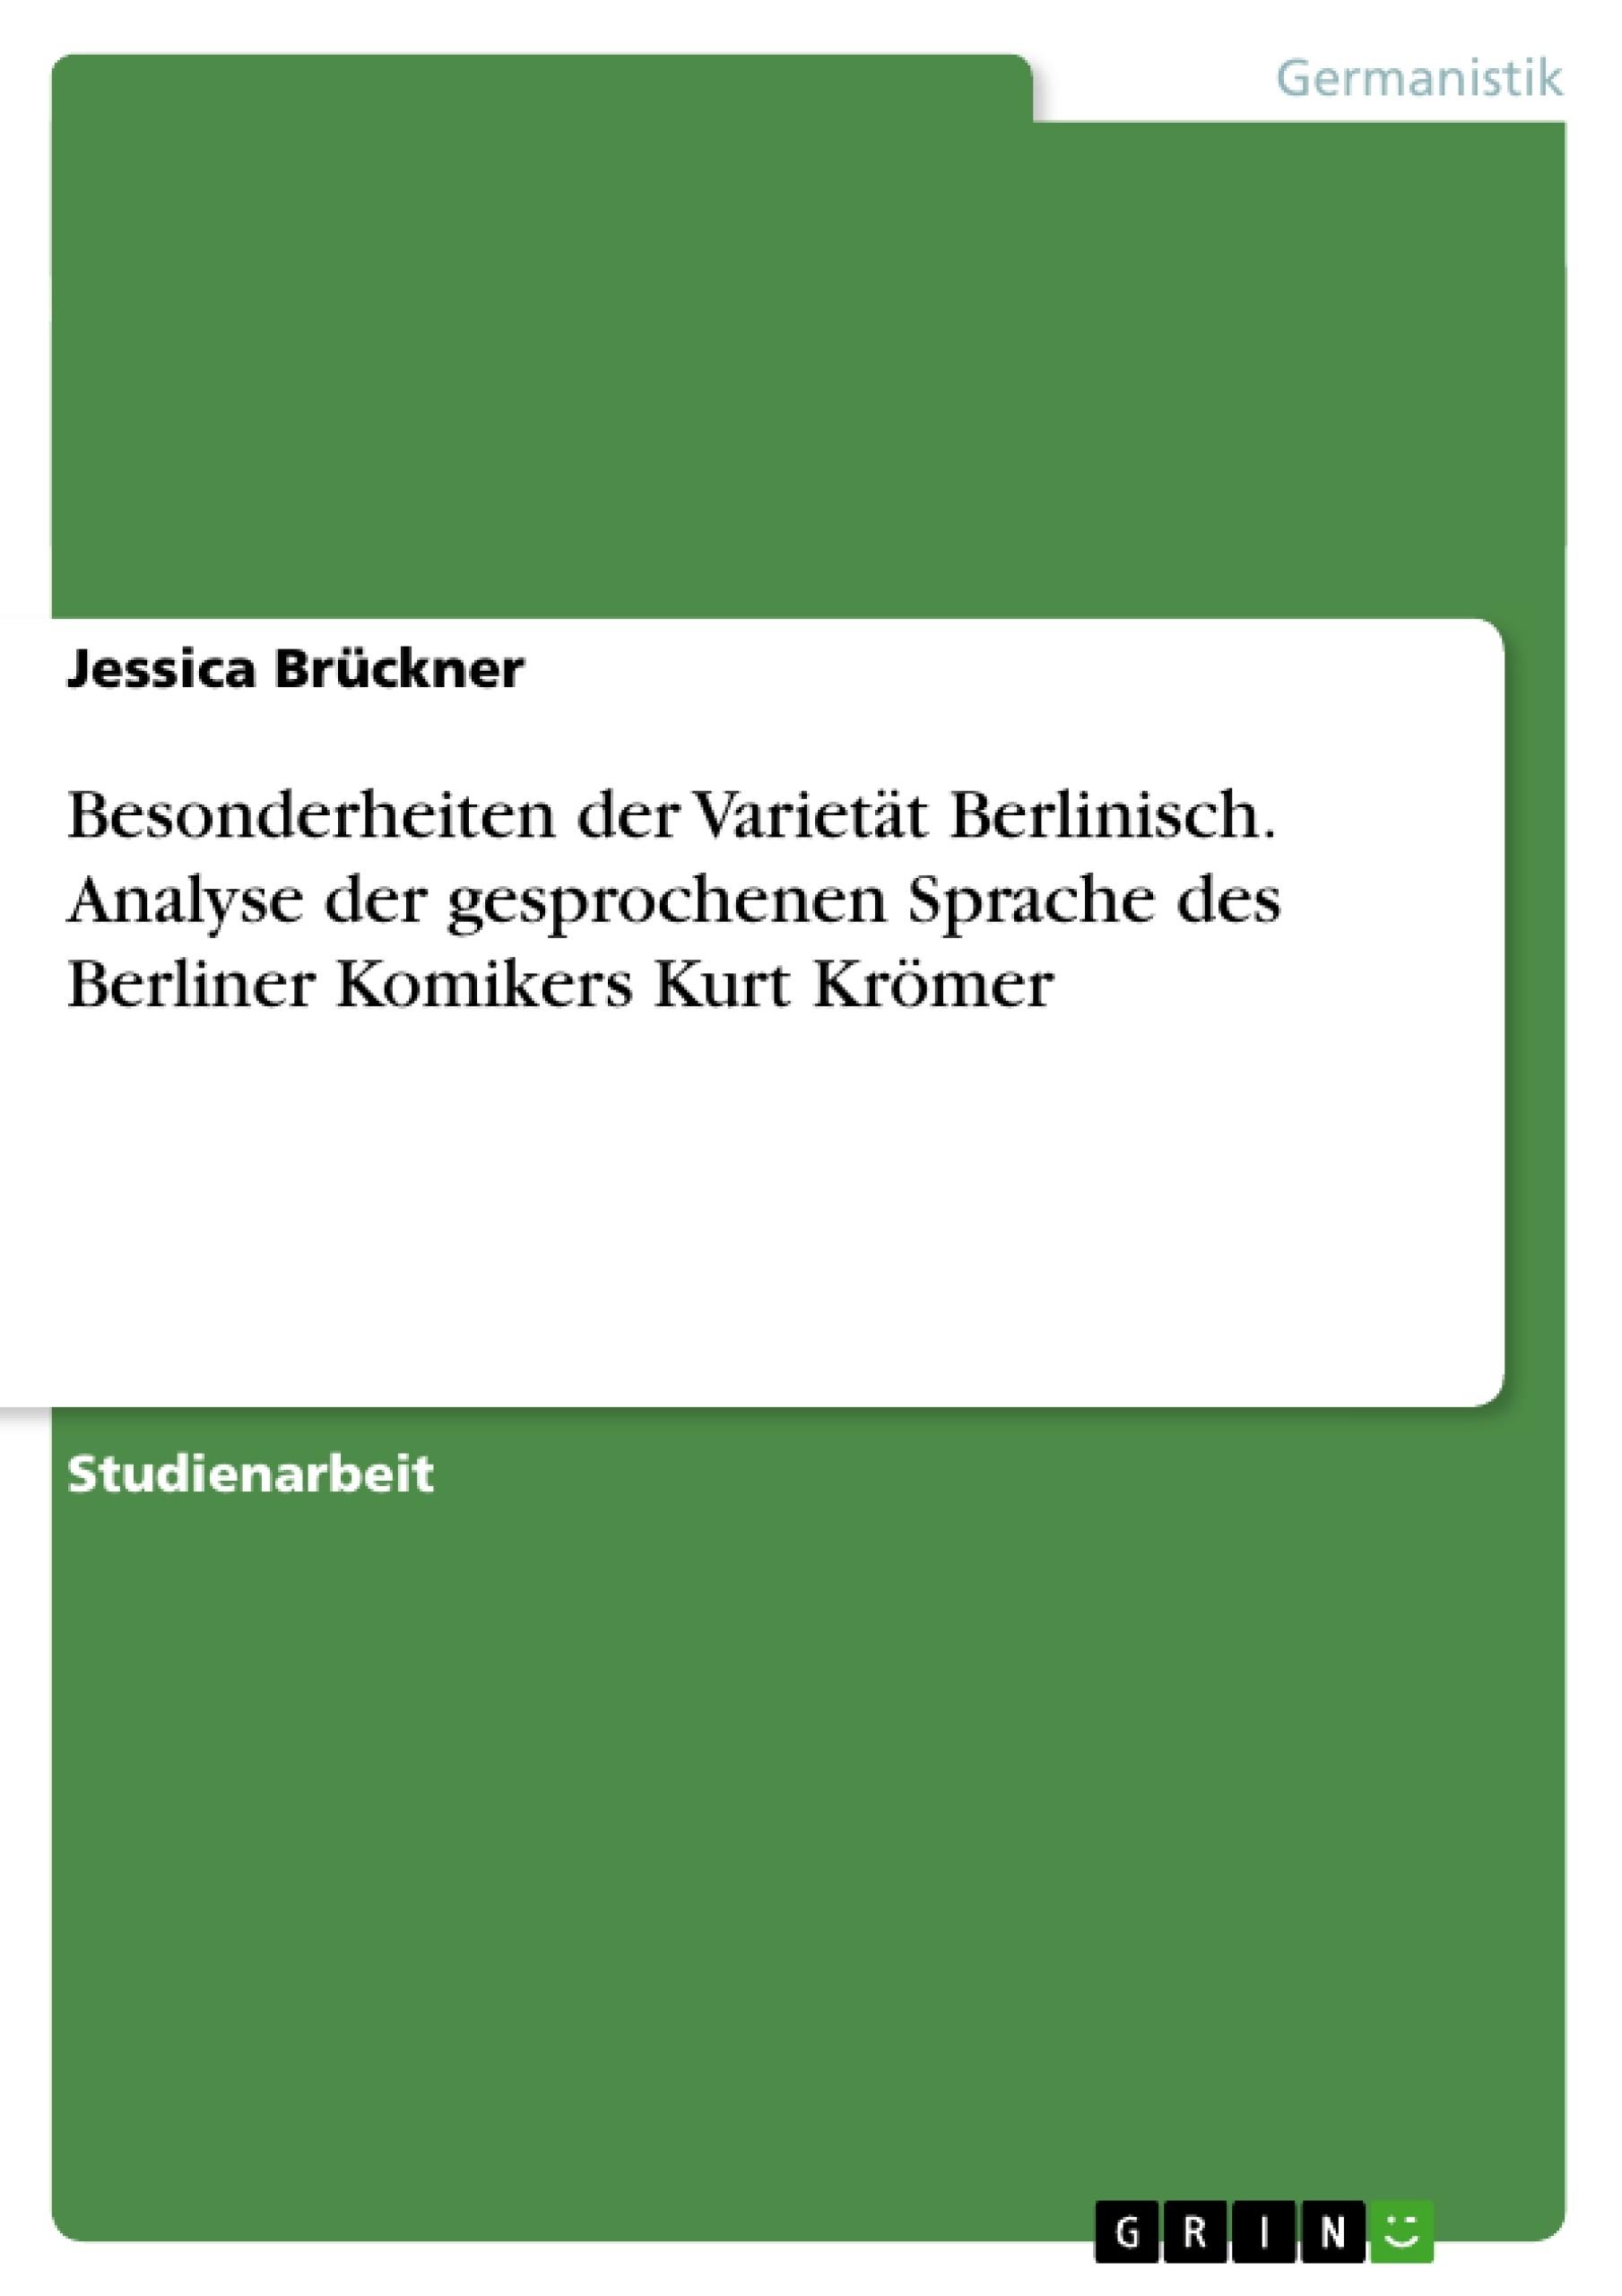 Titel: Besonderheiten der Varietät Berlinisch. Analyse der gesprochenen Sprache des Berliner Komikers Kurt Krömer